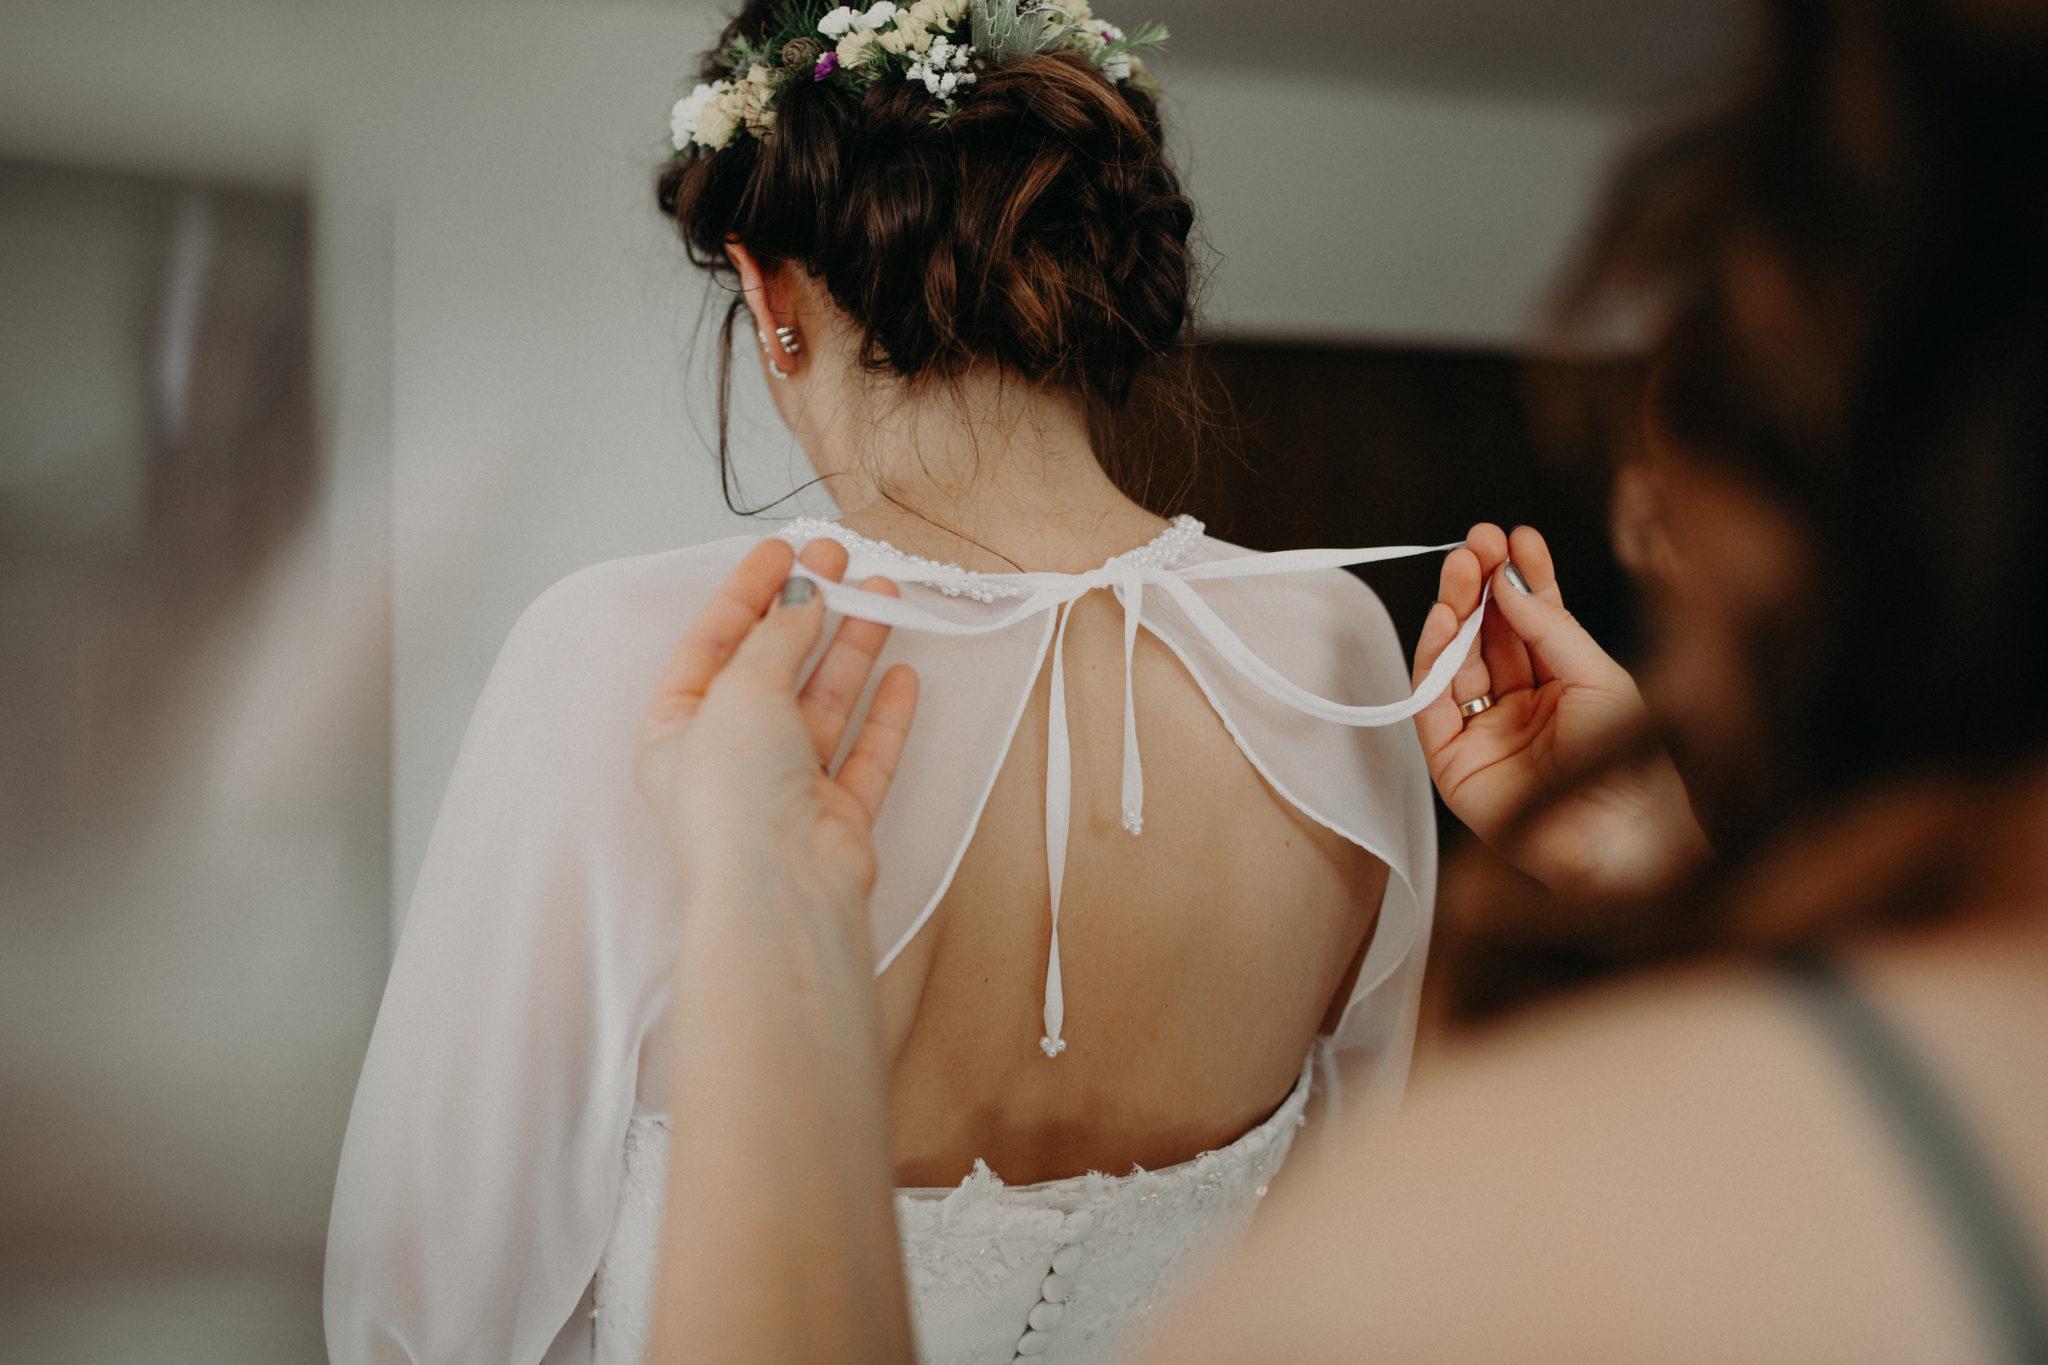 gosia i kuba29 1 - fotografiagk Fotografia ślubna RK wedding